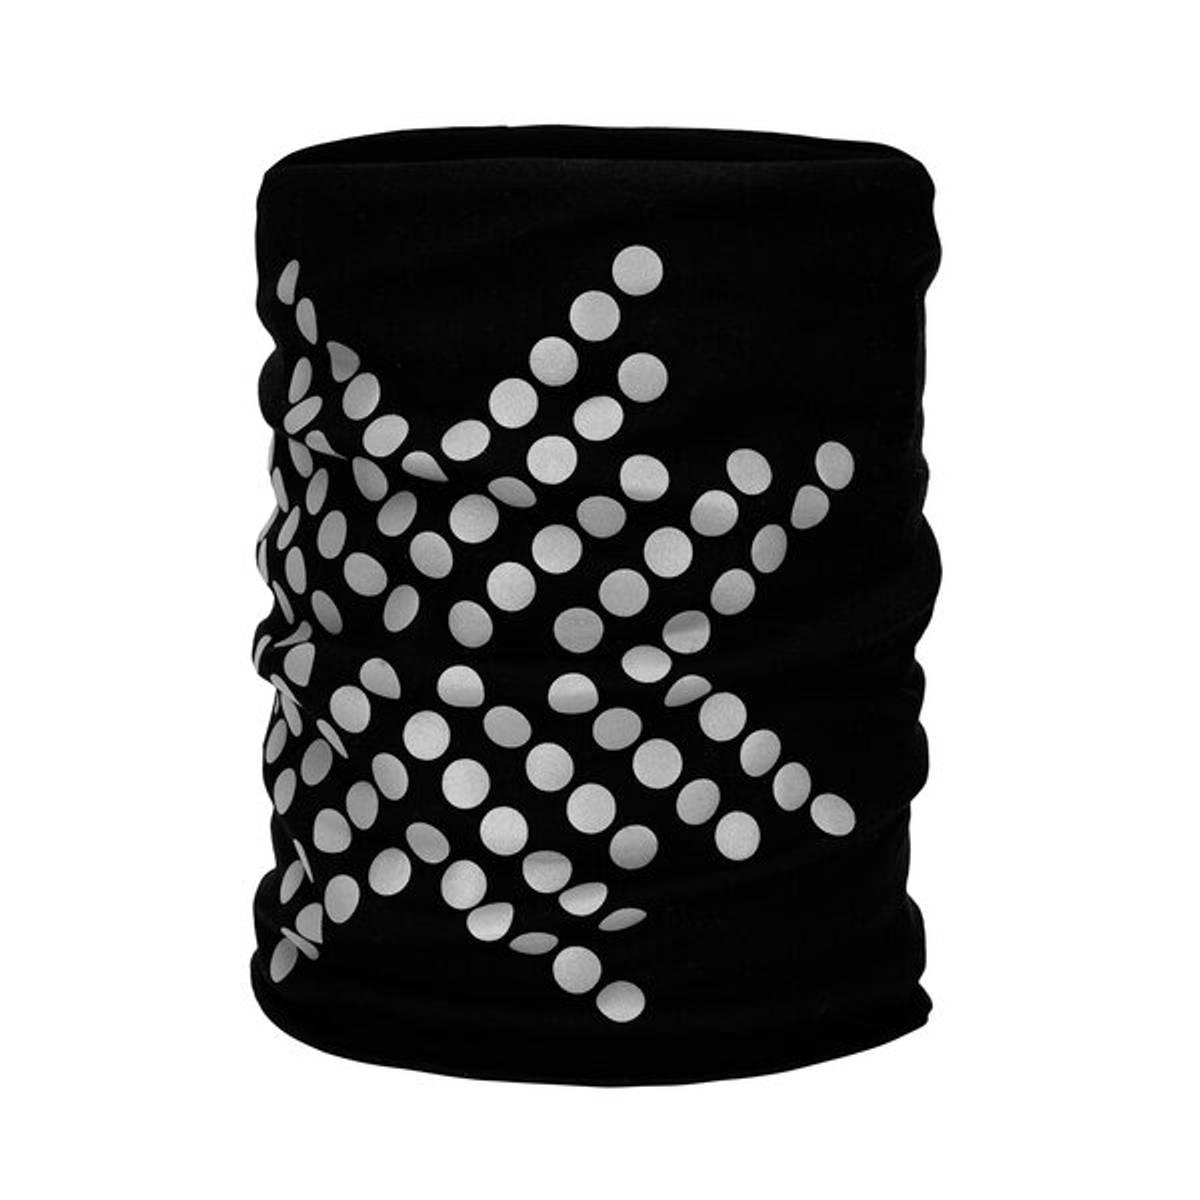 Morild Sølvfaks hals med refleks, sort